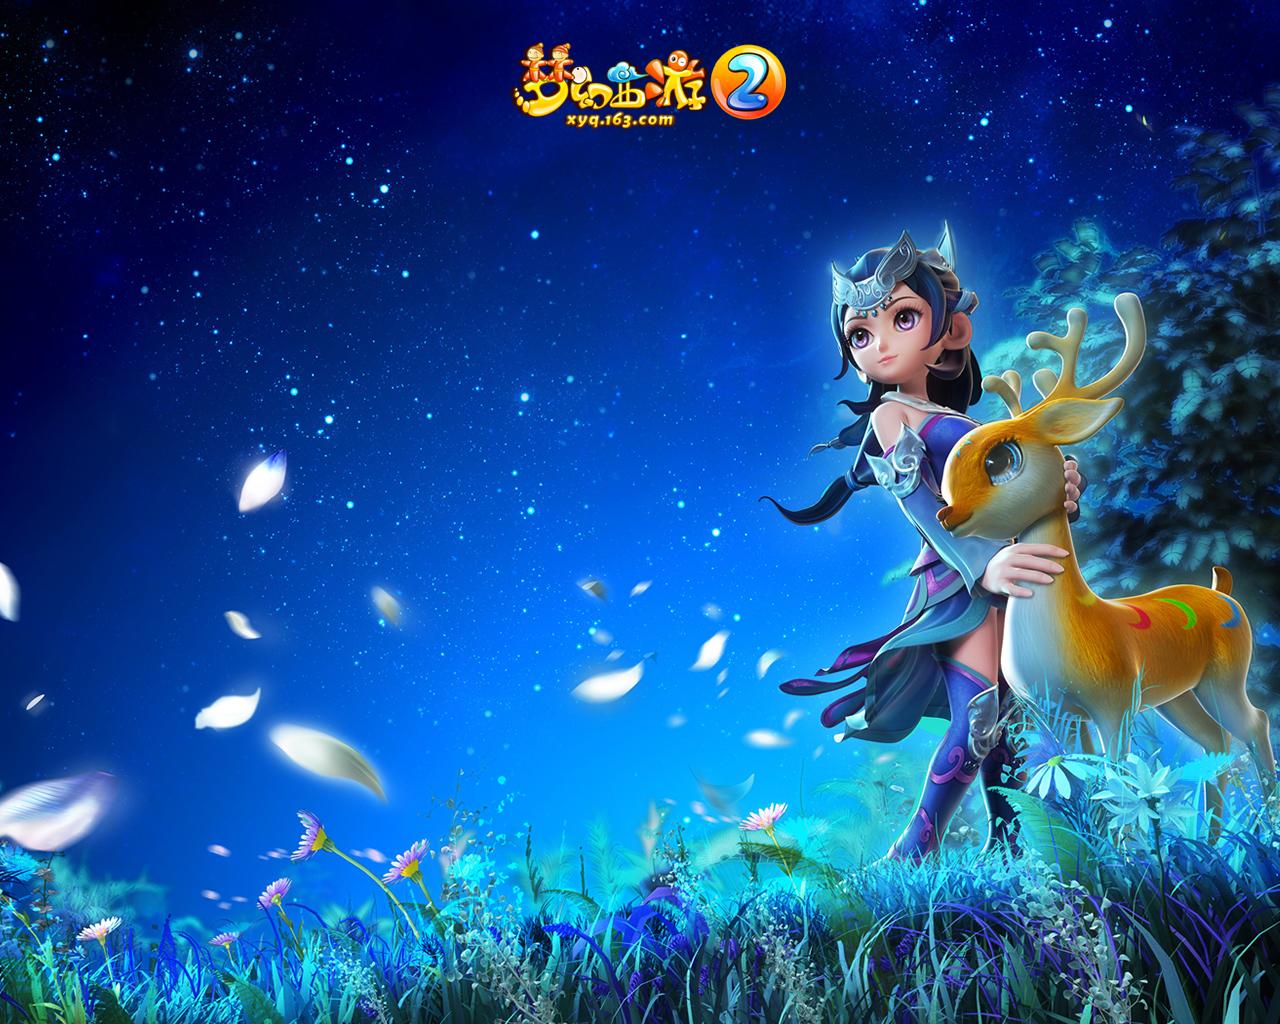 壁纸下载_《梦幻西游2》官方网站 - 中国第一网游 之图片